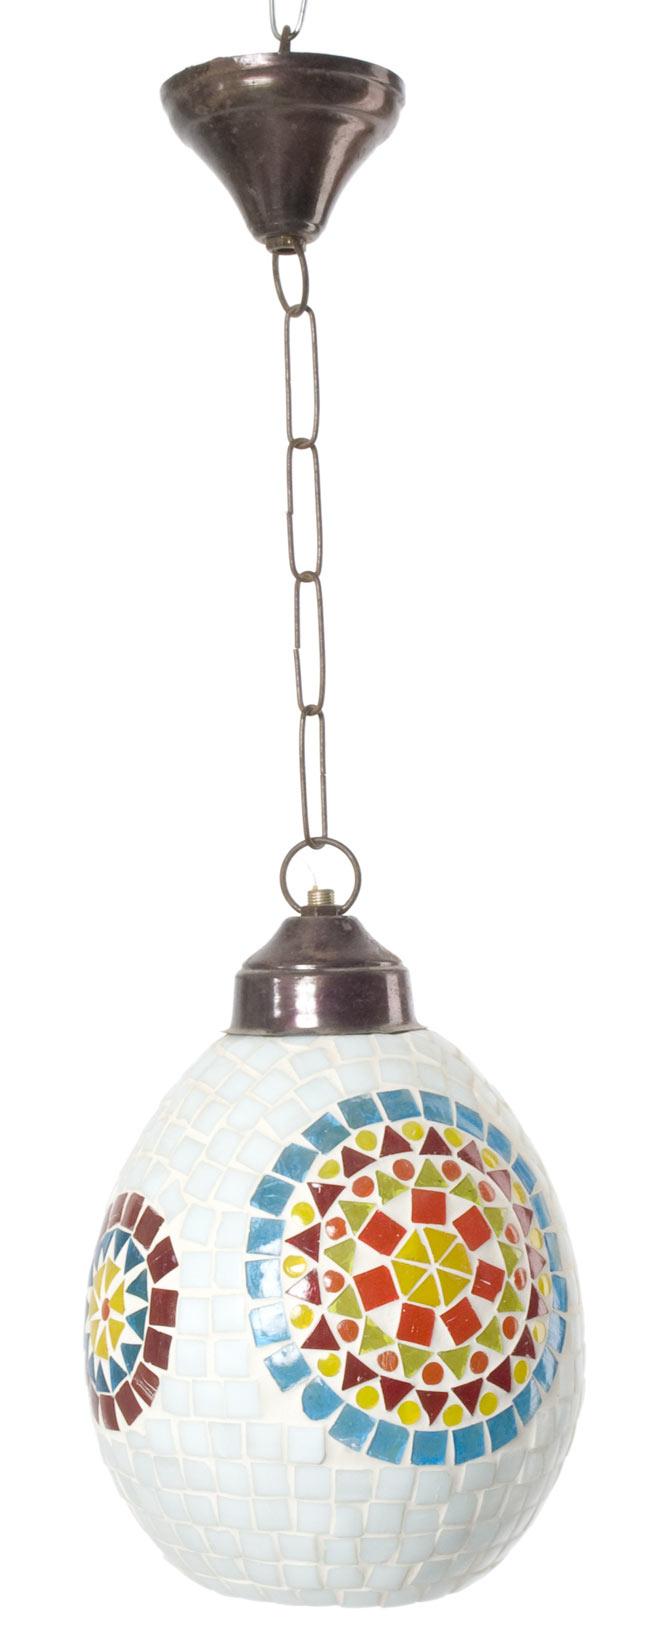 吊り下げモザイクランプ - 樽形 (直径:約16.5cm)の写真3 - 明るいところで撮ってみました。